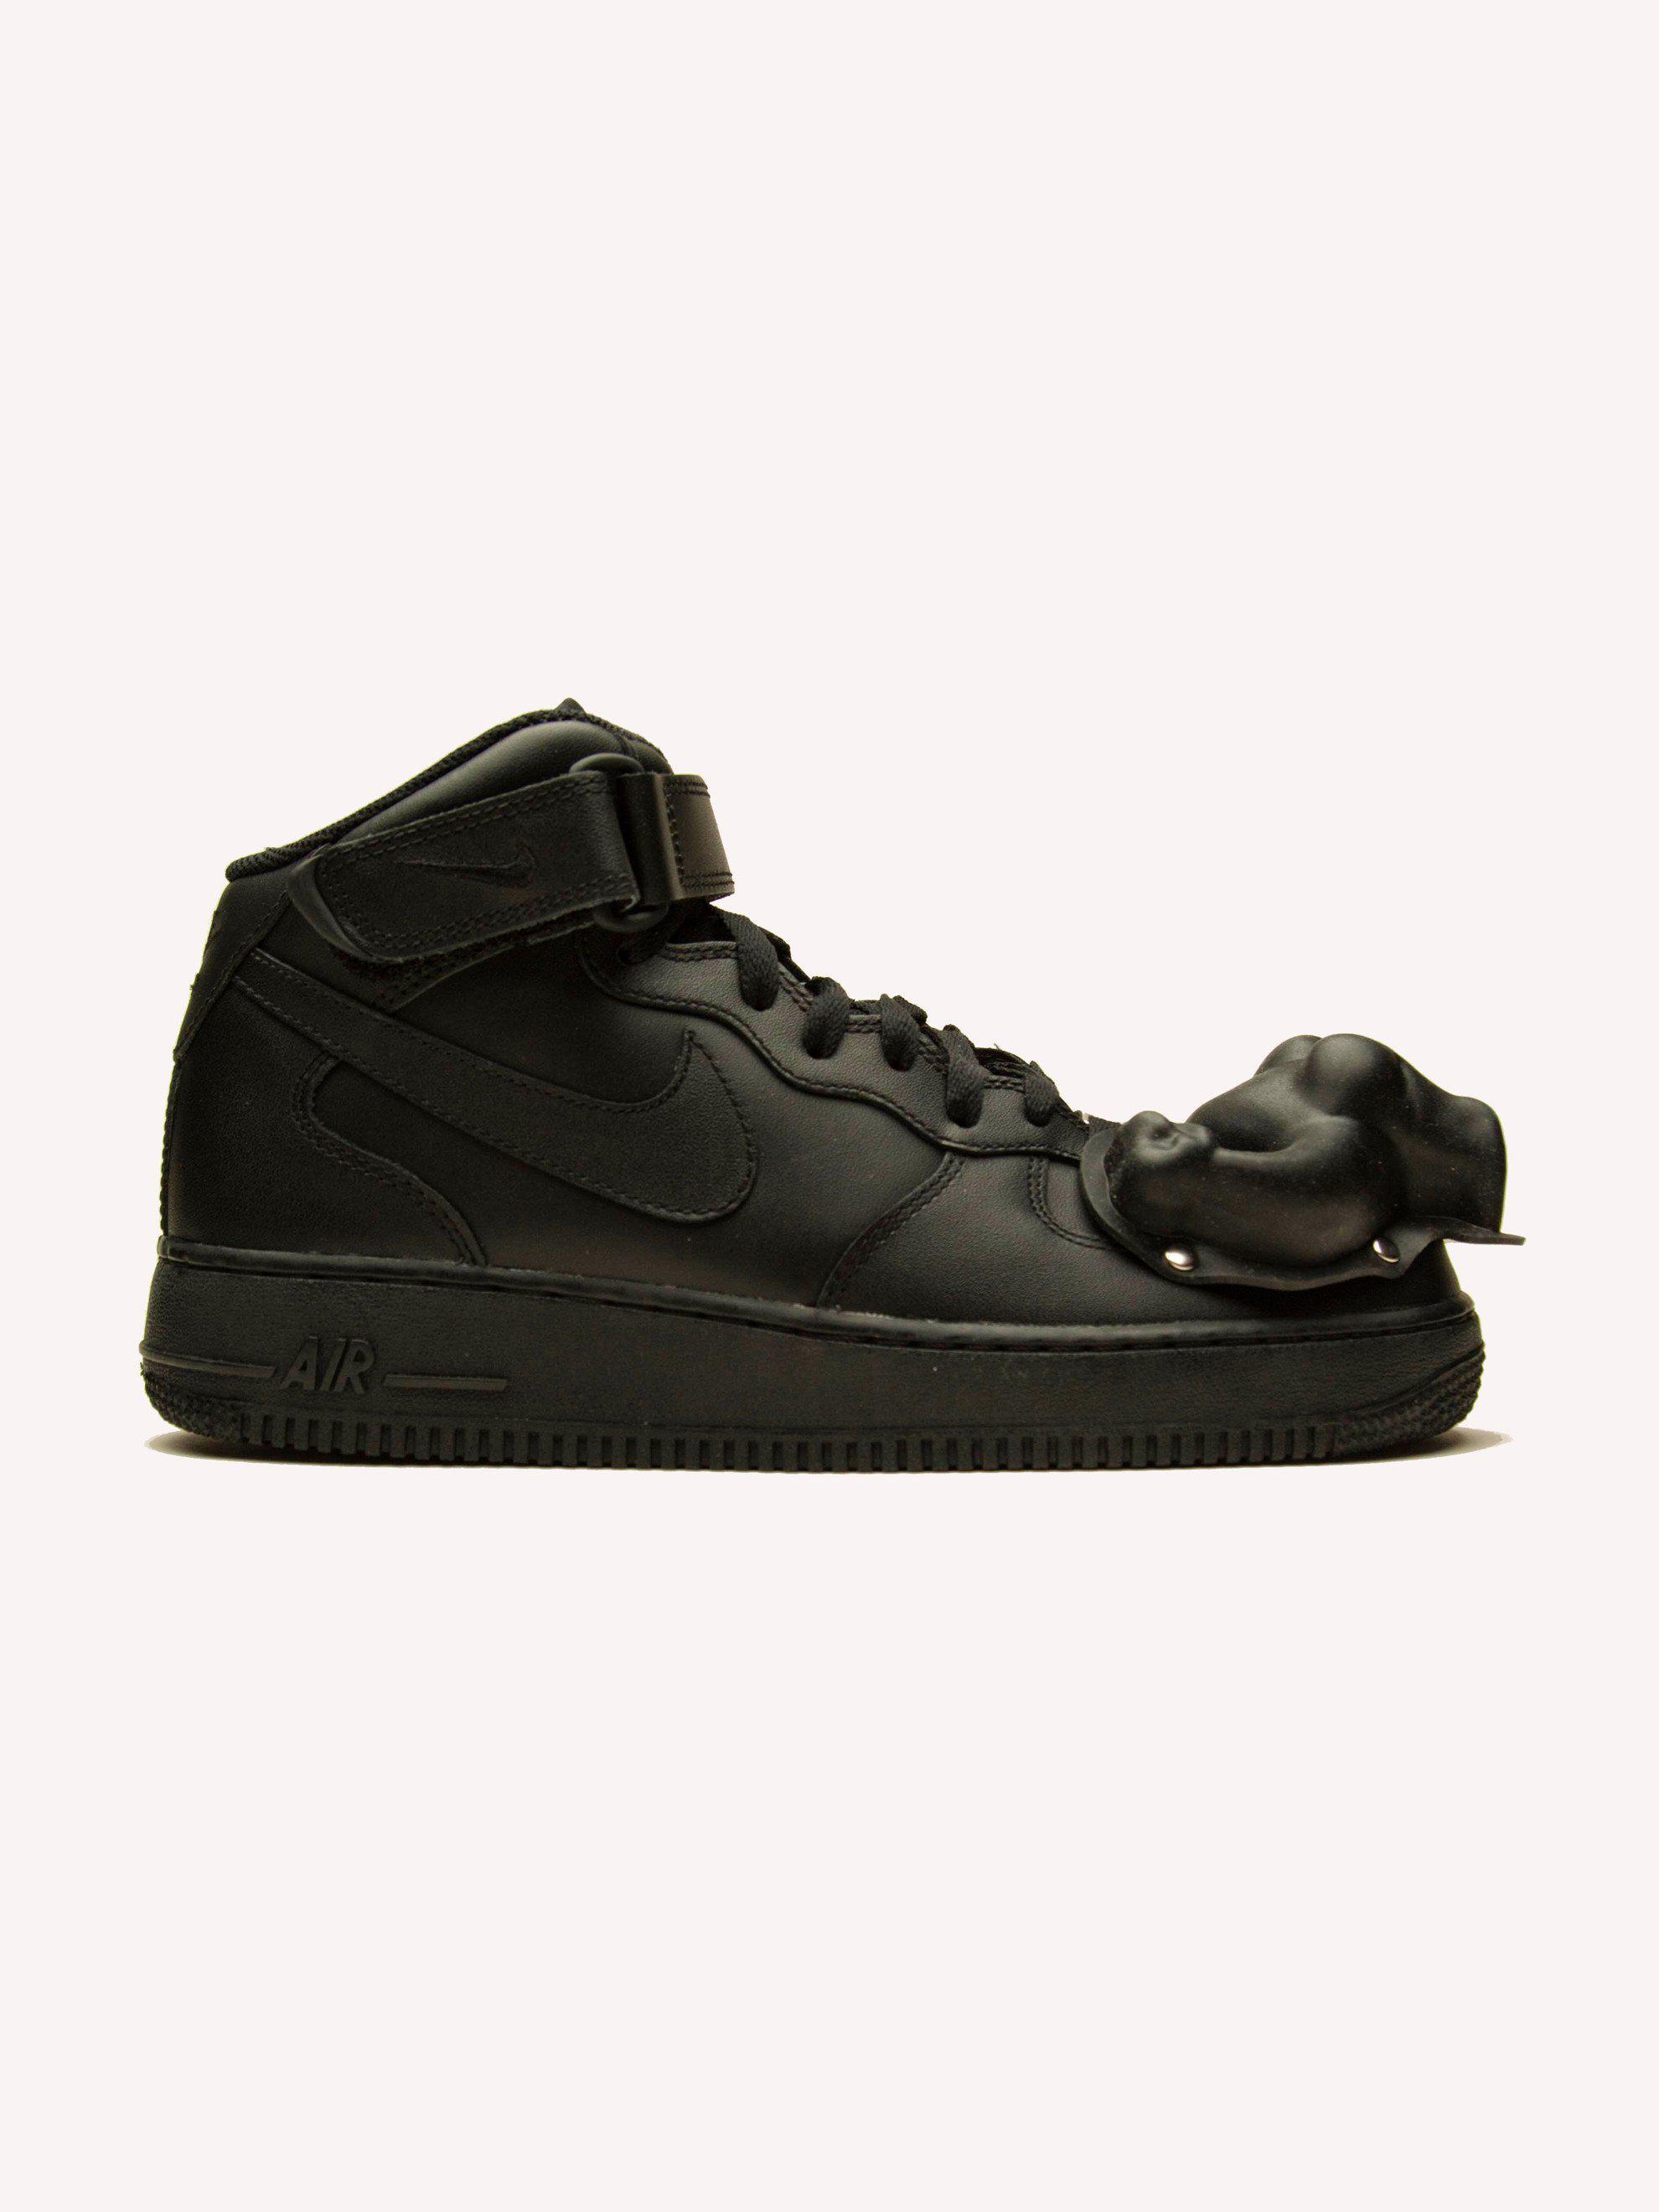 Comme des Gar?ons Black Nike Edition Air Force 1 Mid '07 Sneakers Faire Du Shopping Meilleurs Prix Meilleur Gros Pas Cher XjZpf3